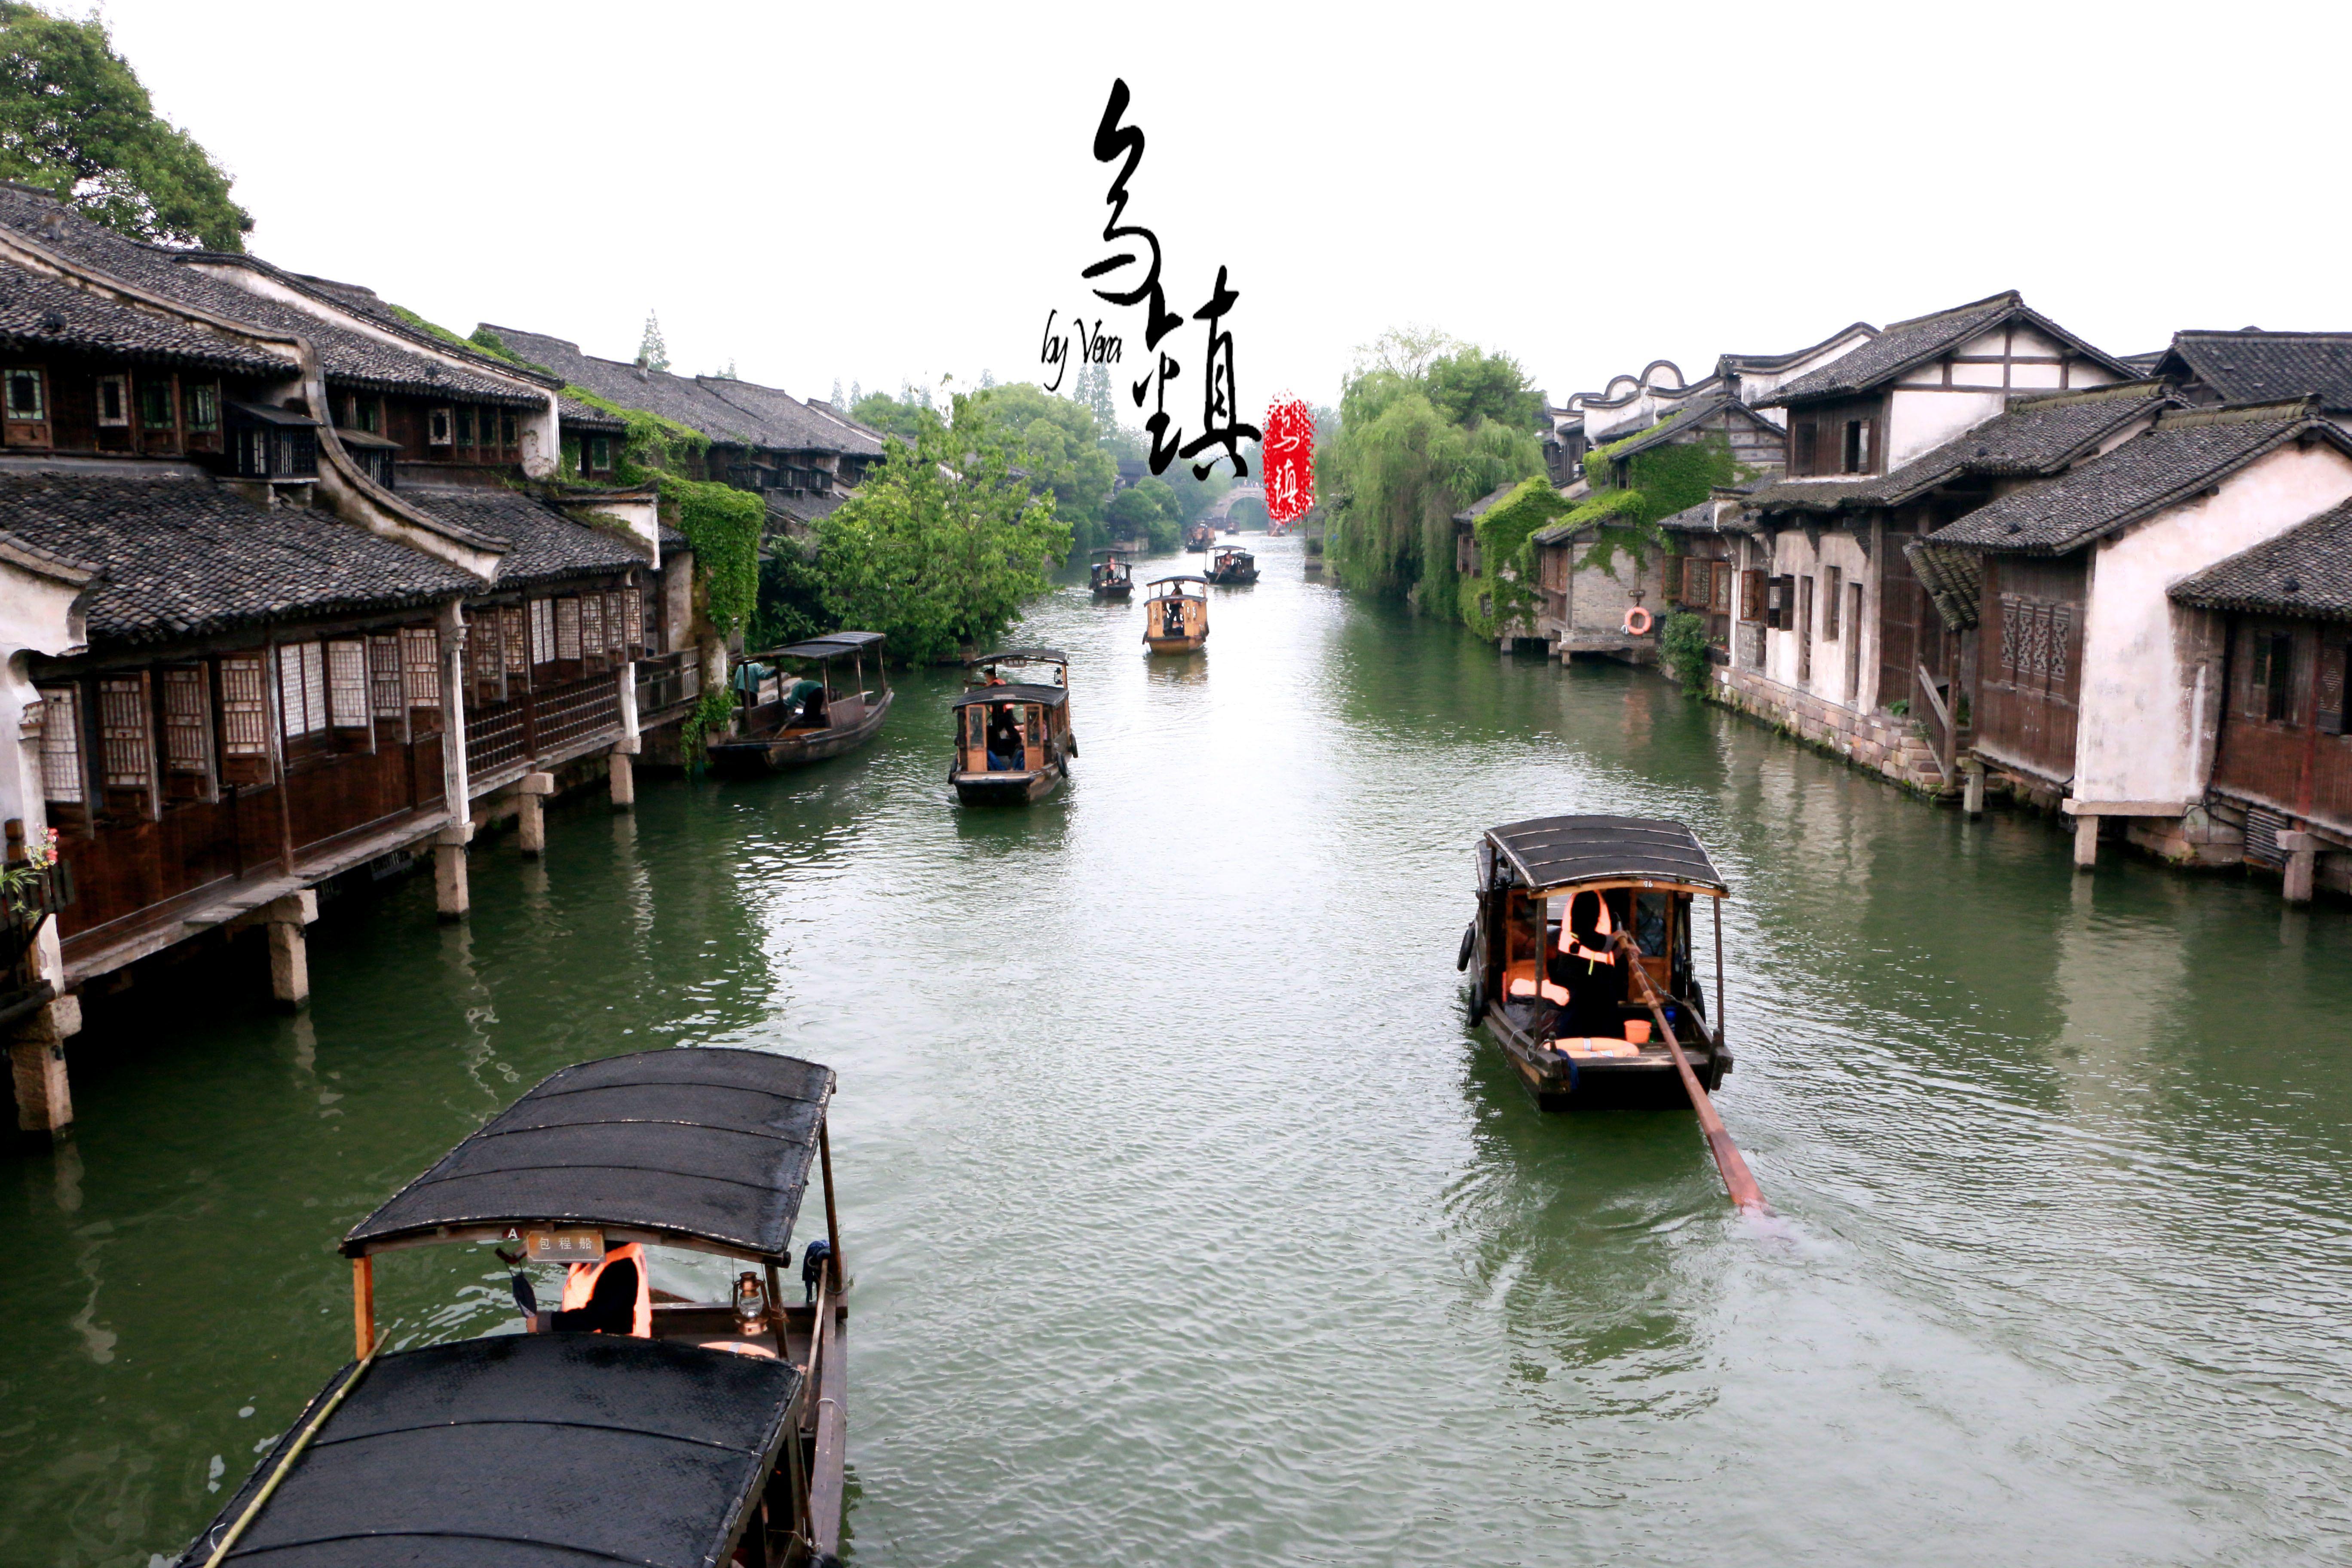 华东五市+四水乡(木渎、南浔、周庄、乌镇)双卧8日游